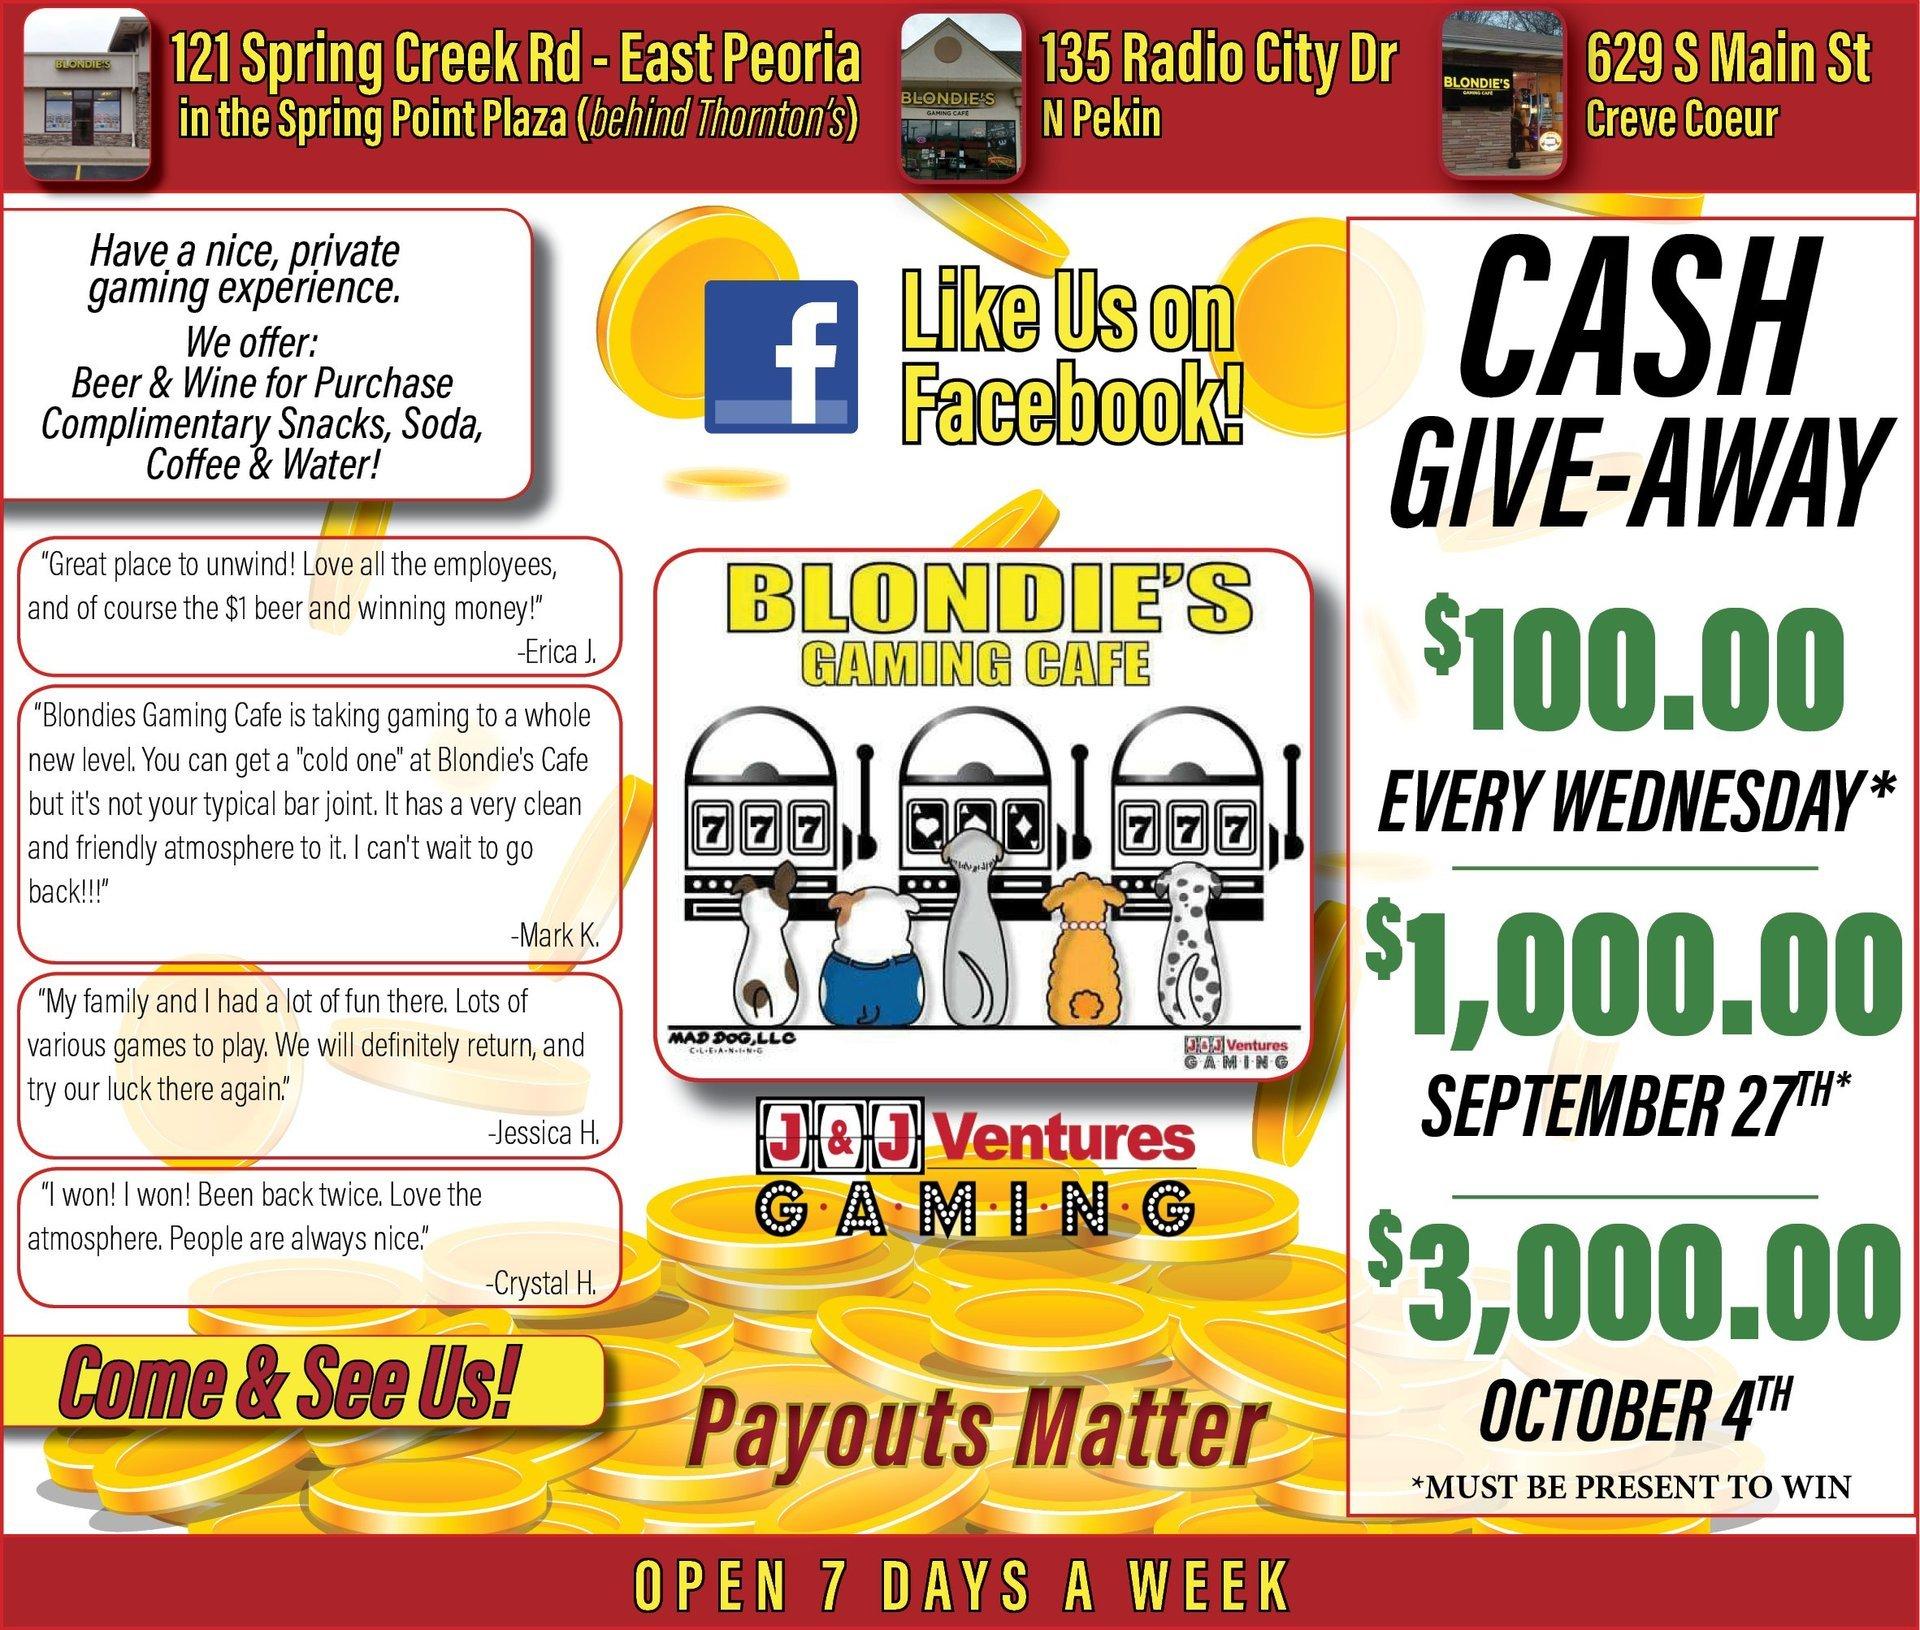 Blondie's Gaming Cafe cash giveaway East Peoria, N. Pekin and Creve Coeur, IL